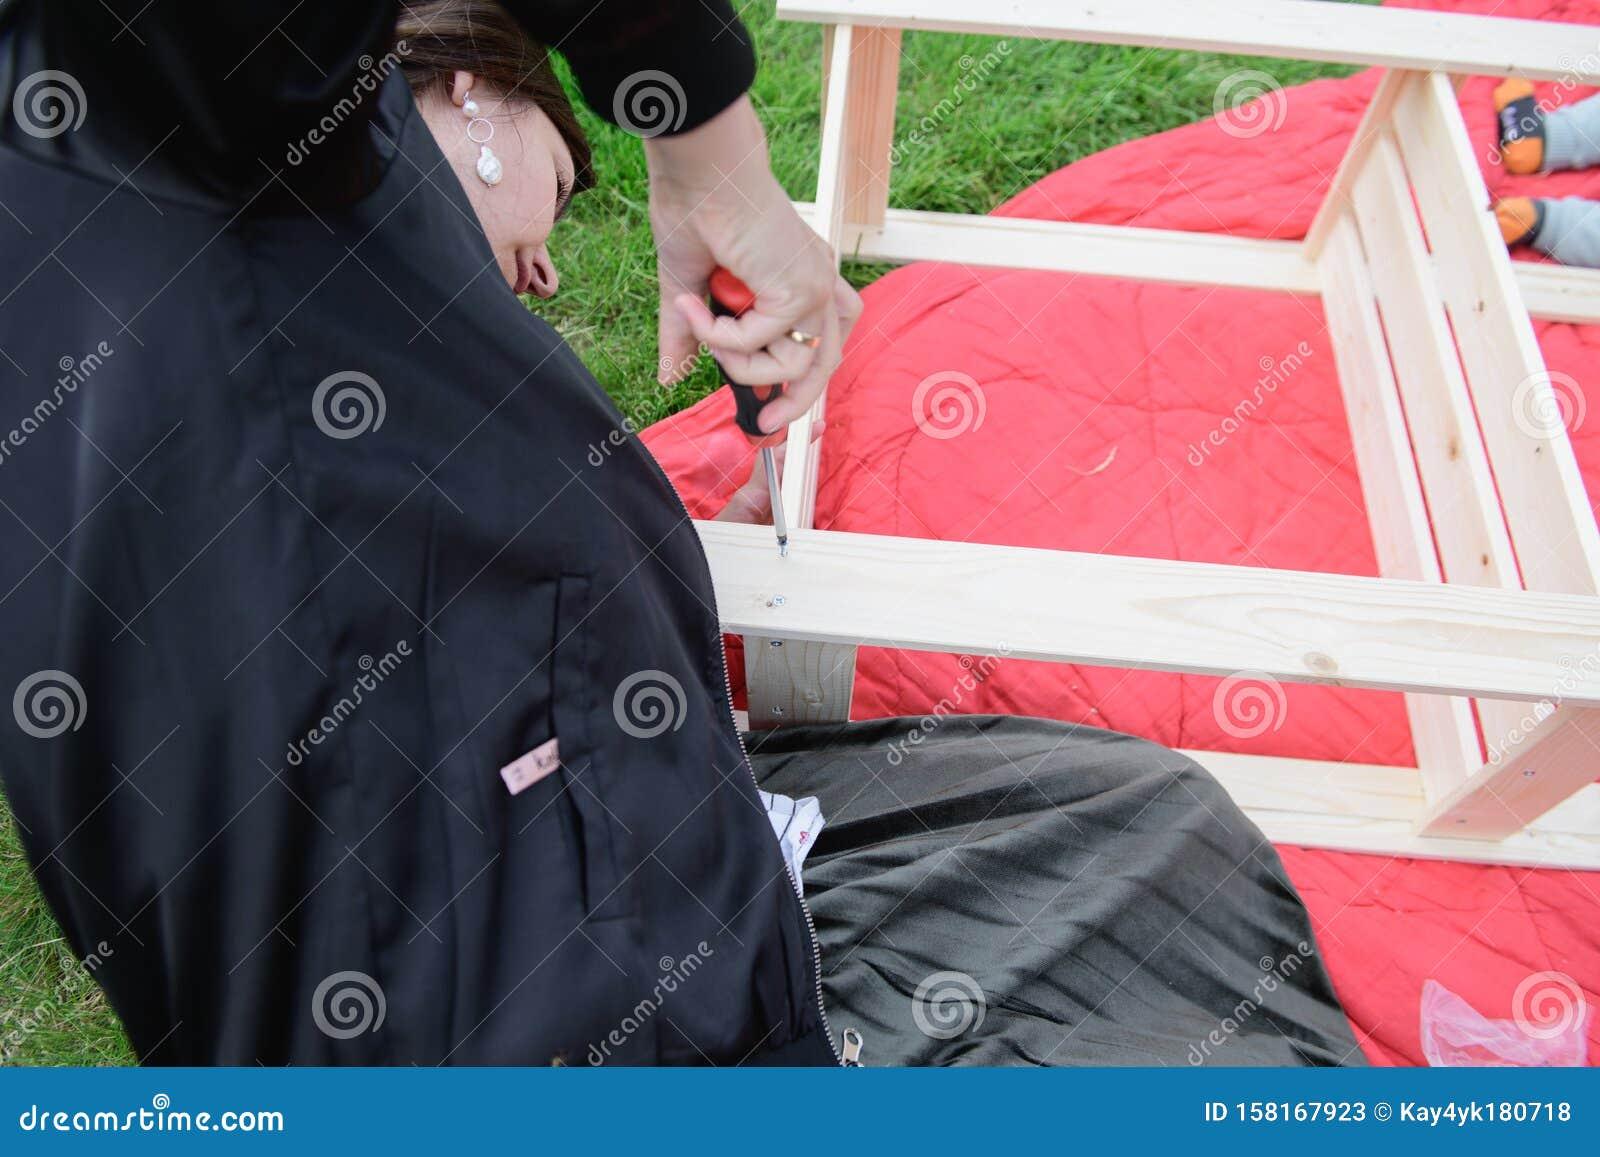 Мужская работа девушка девушка модель для одежды женщина работа